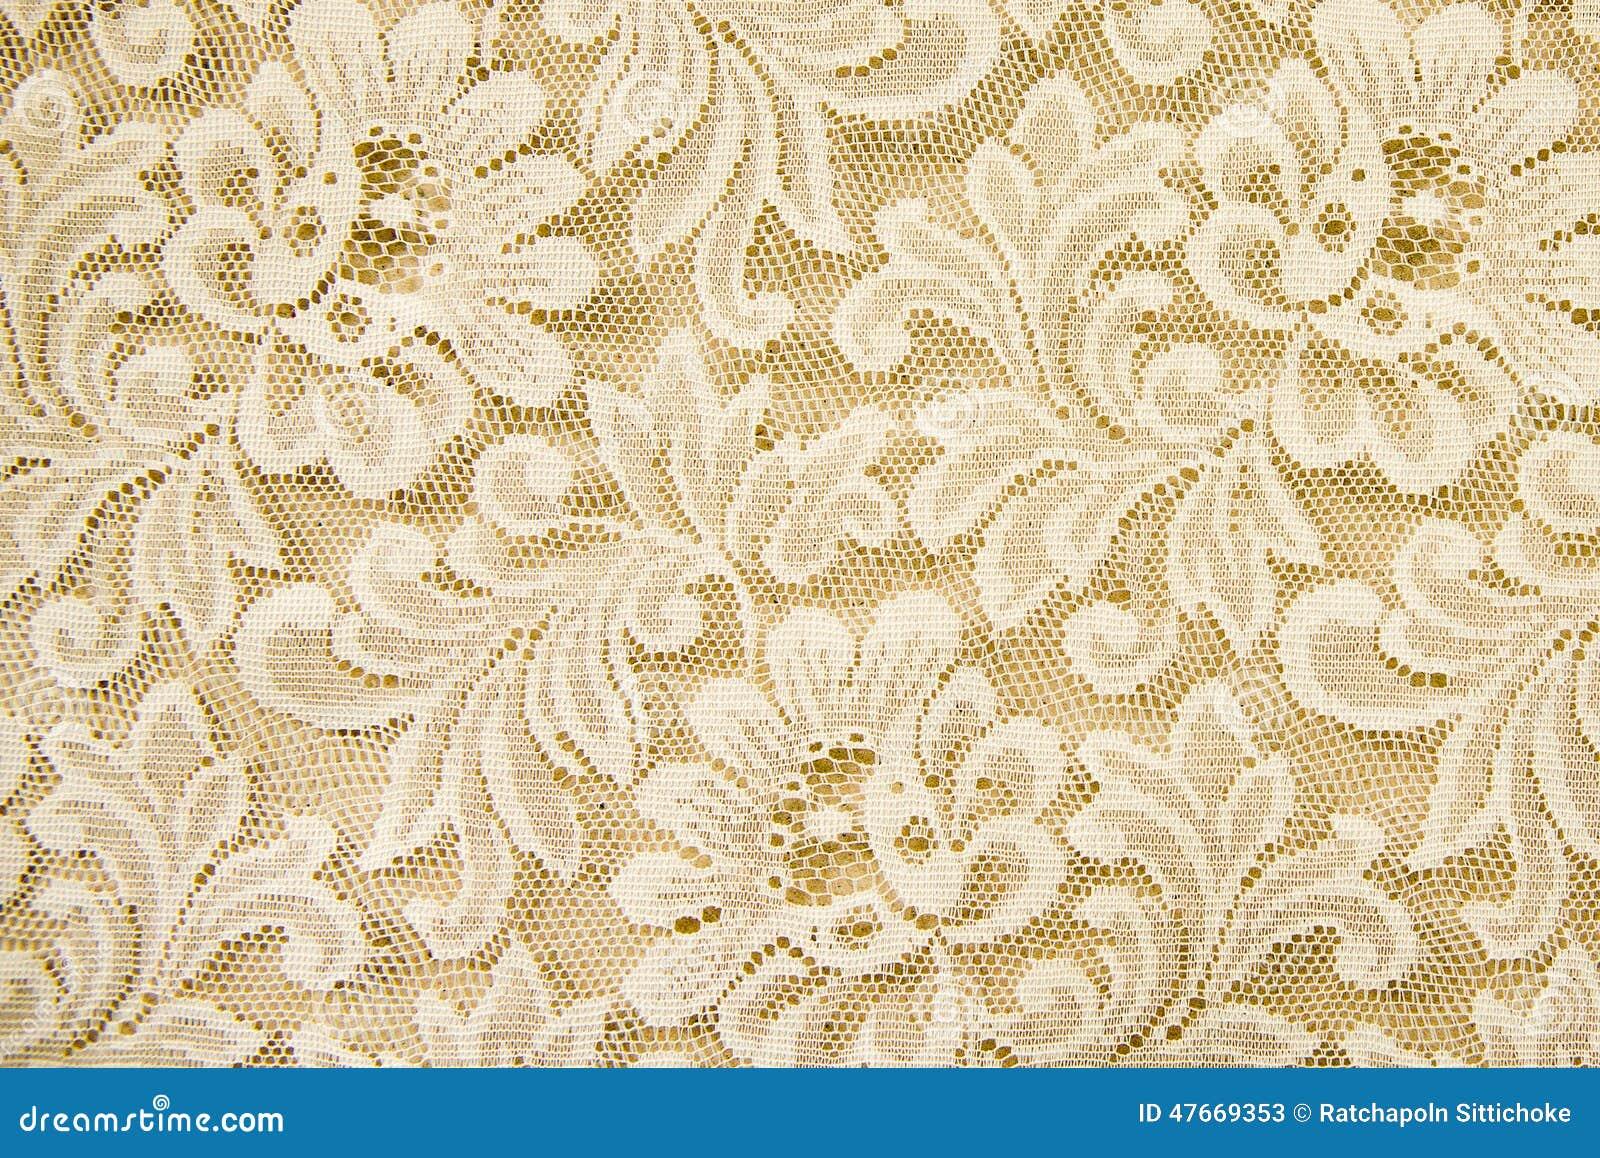 Fond Blanc De Texture De Dentelle Photo stock - Image: 47669353